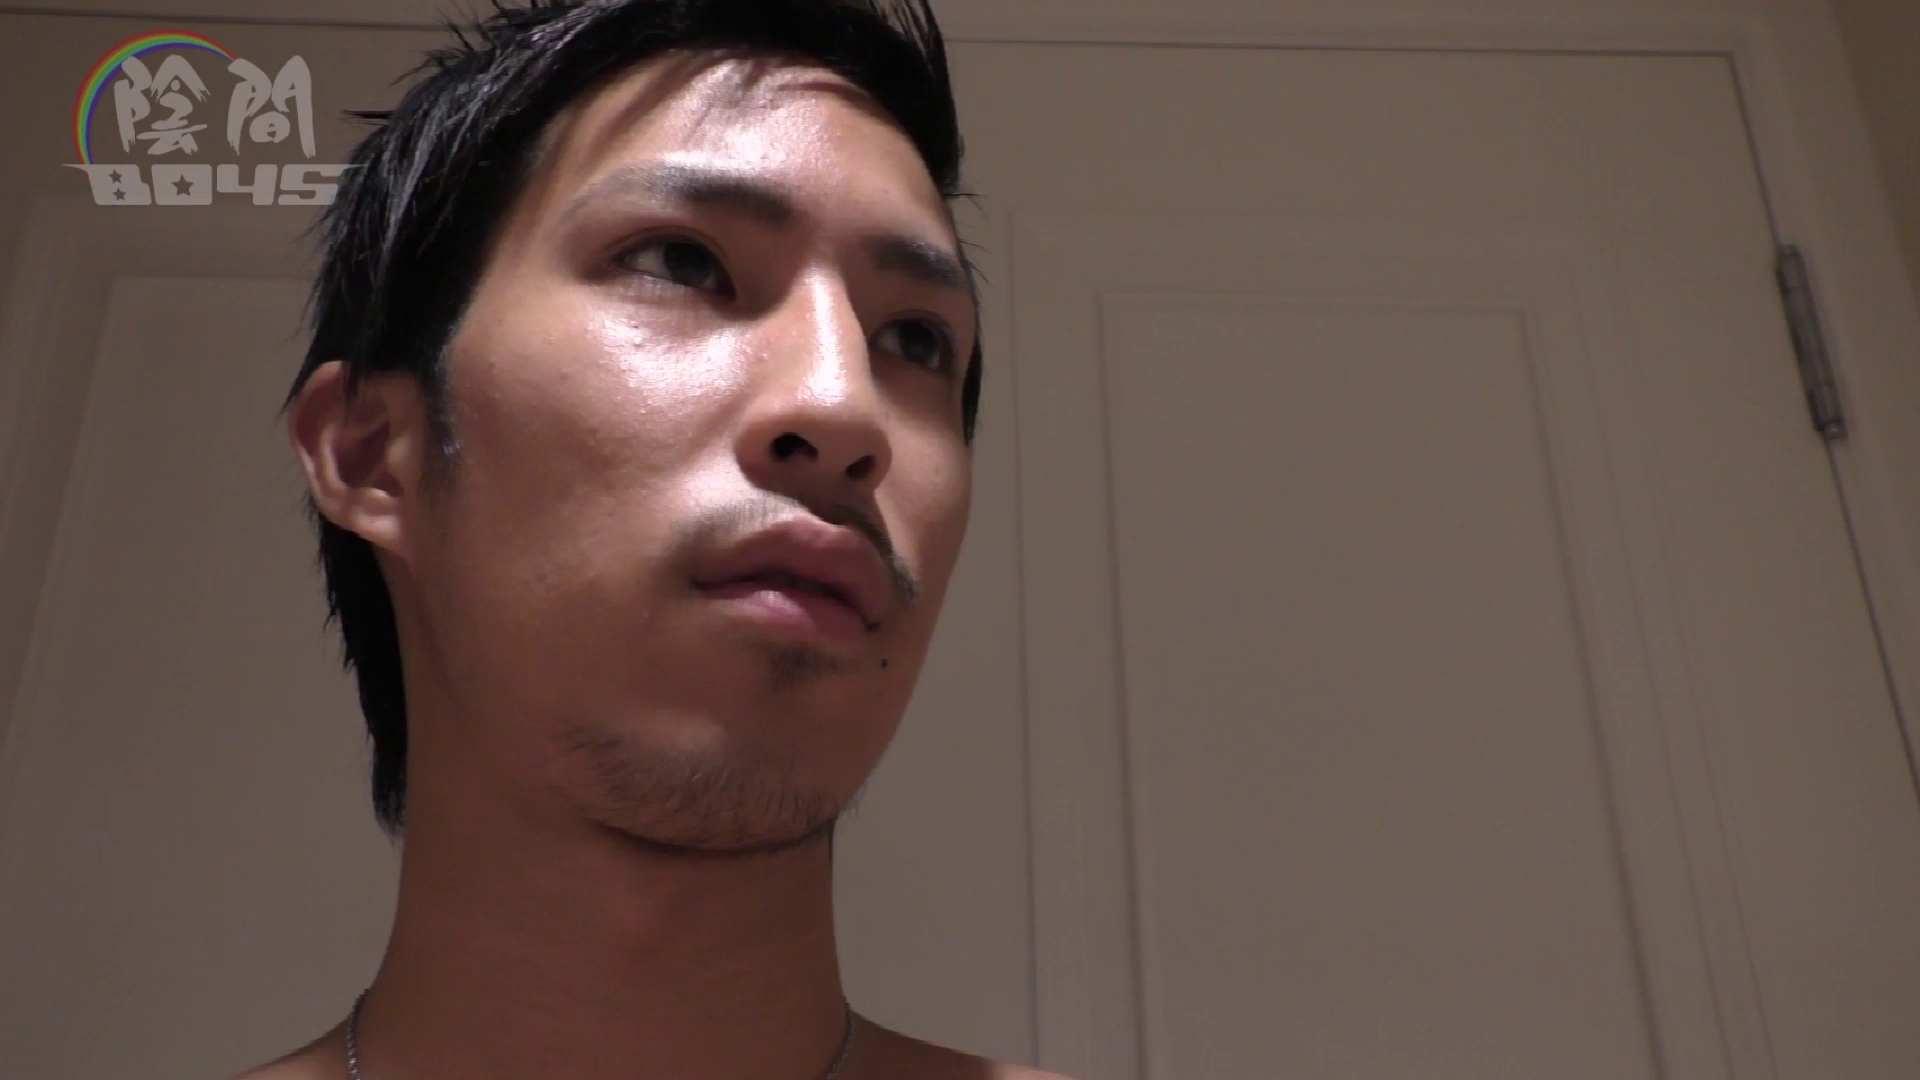 陰間BOYS~「アナルだけは許して…2」~03 無修正 ゲイセックス画像 48pic 4